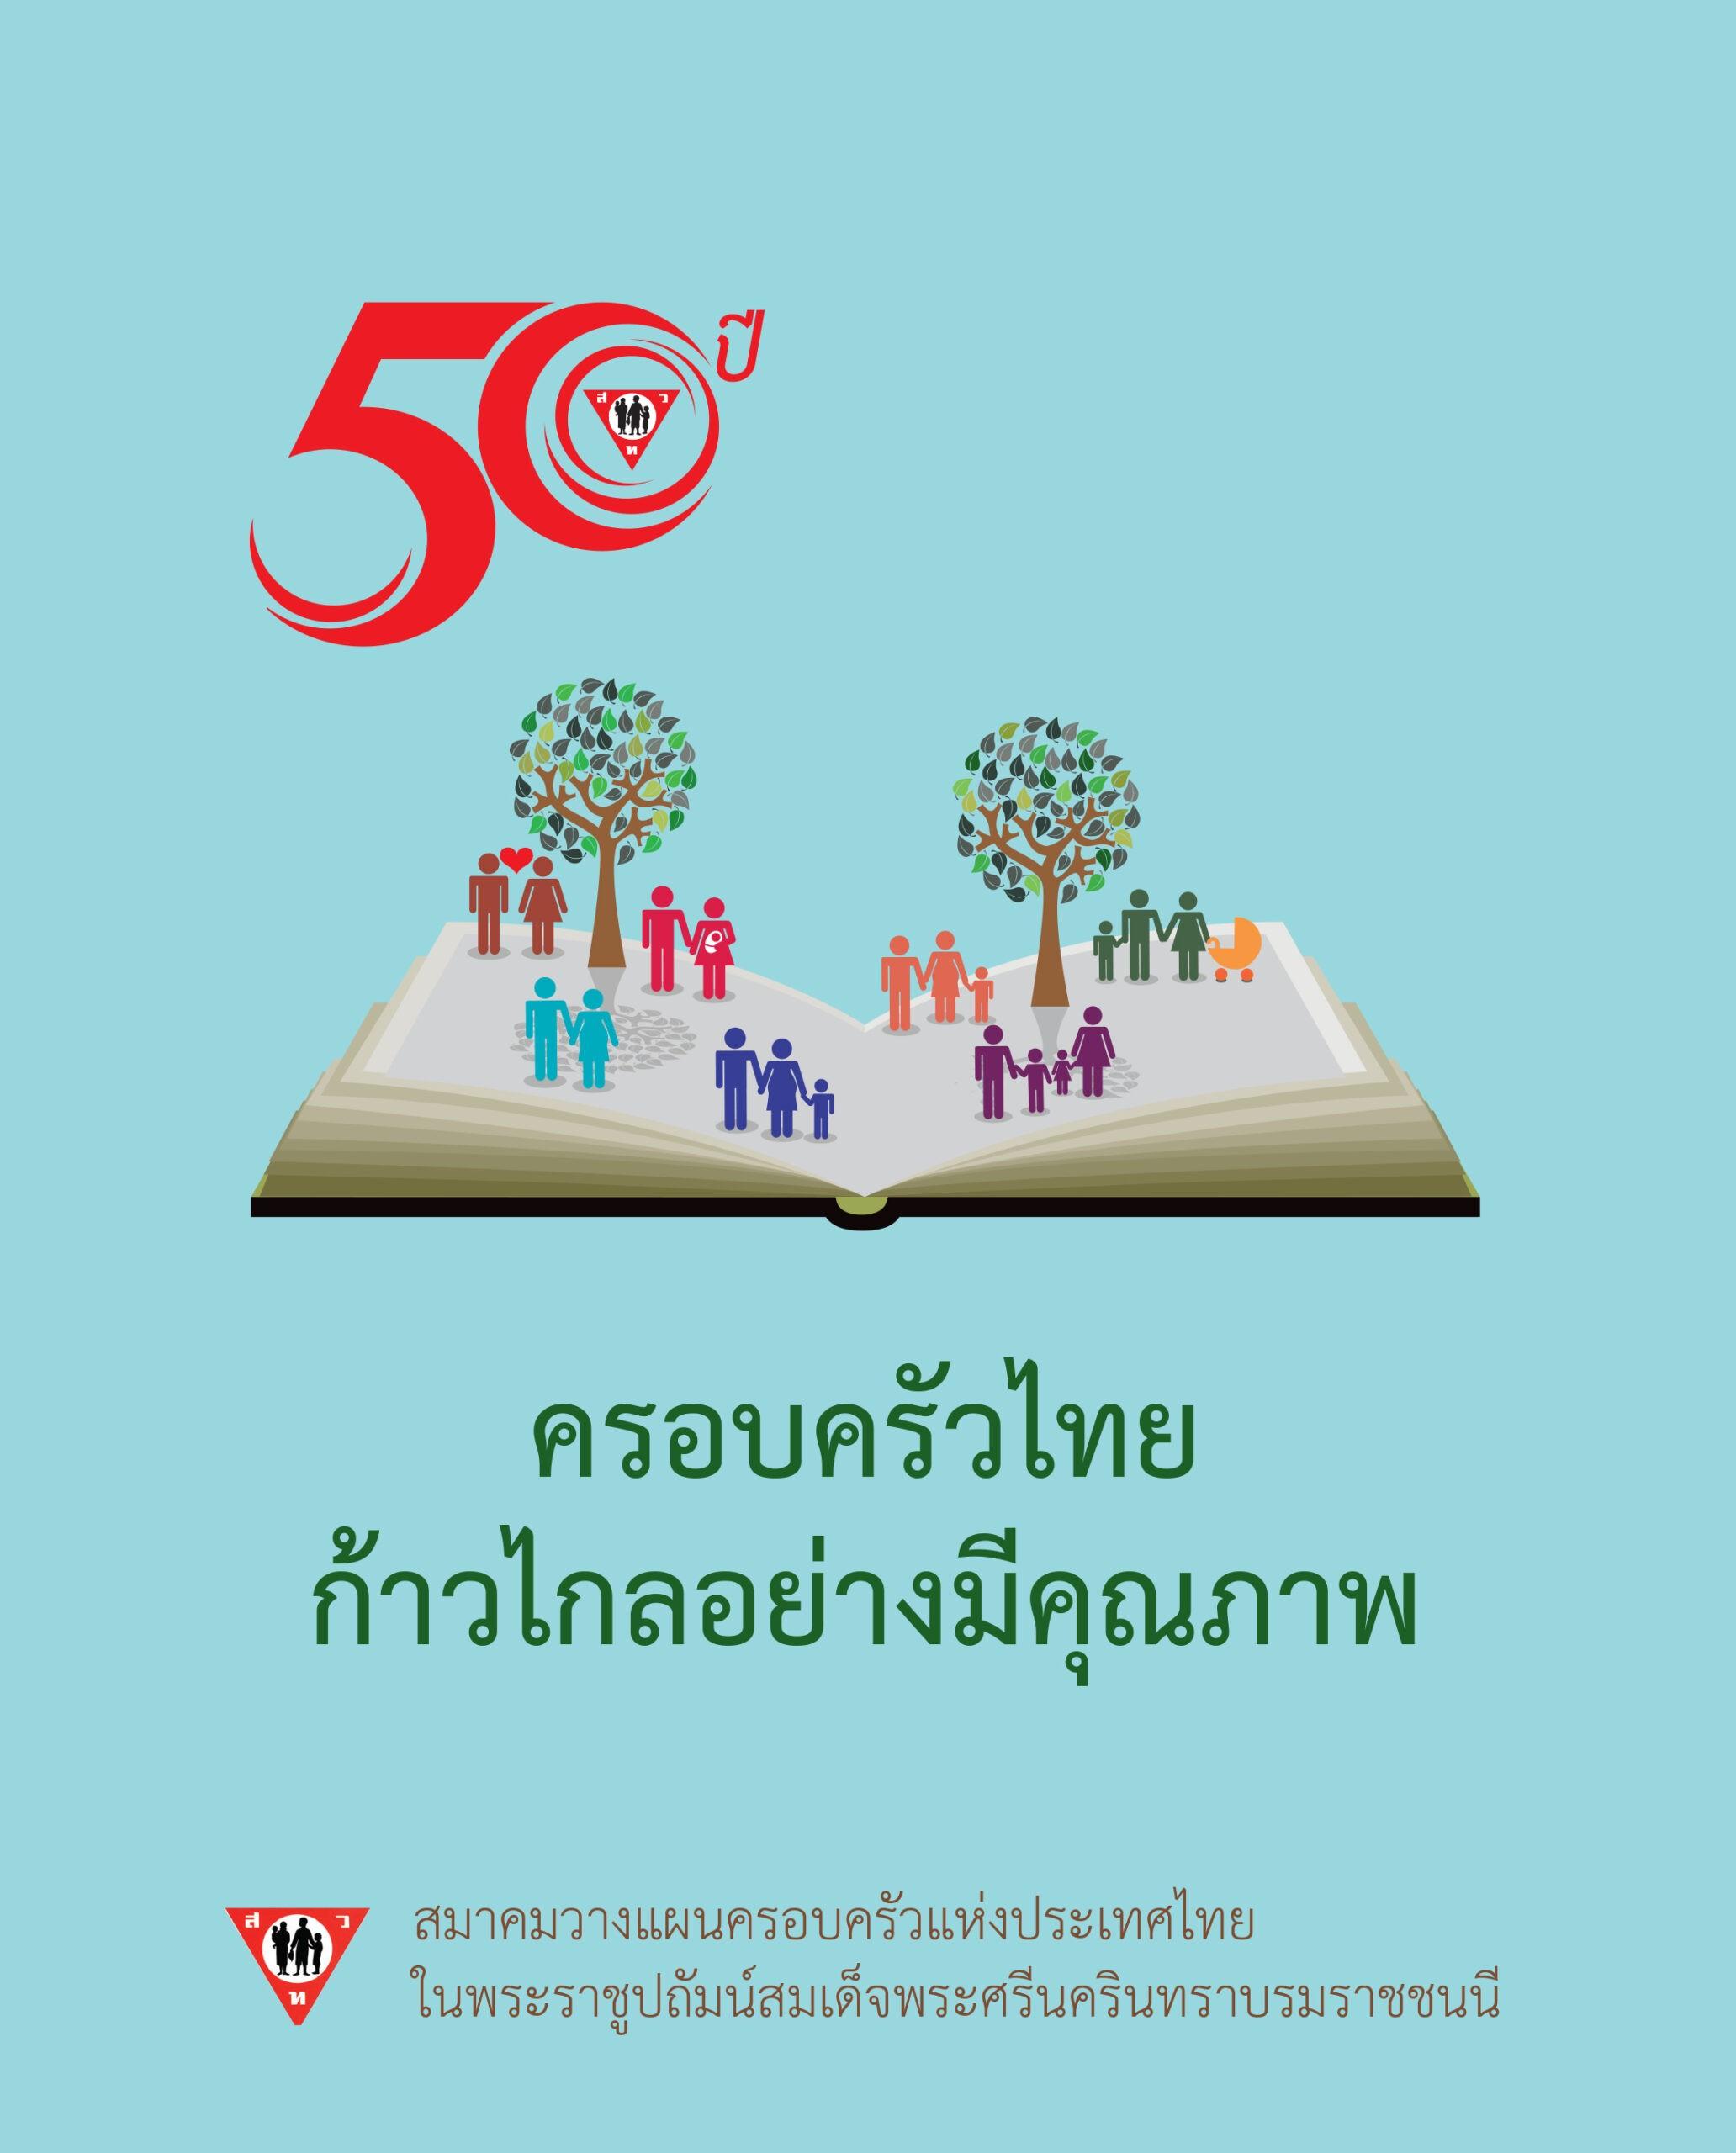 ปกBook 50 ปี ส